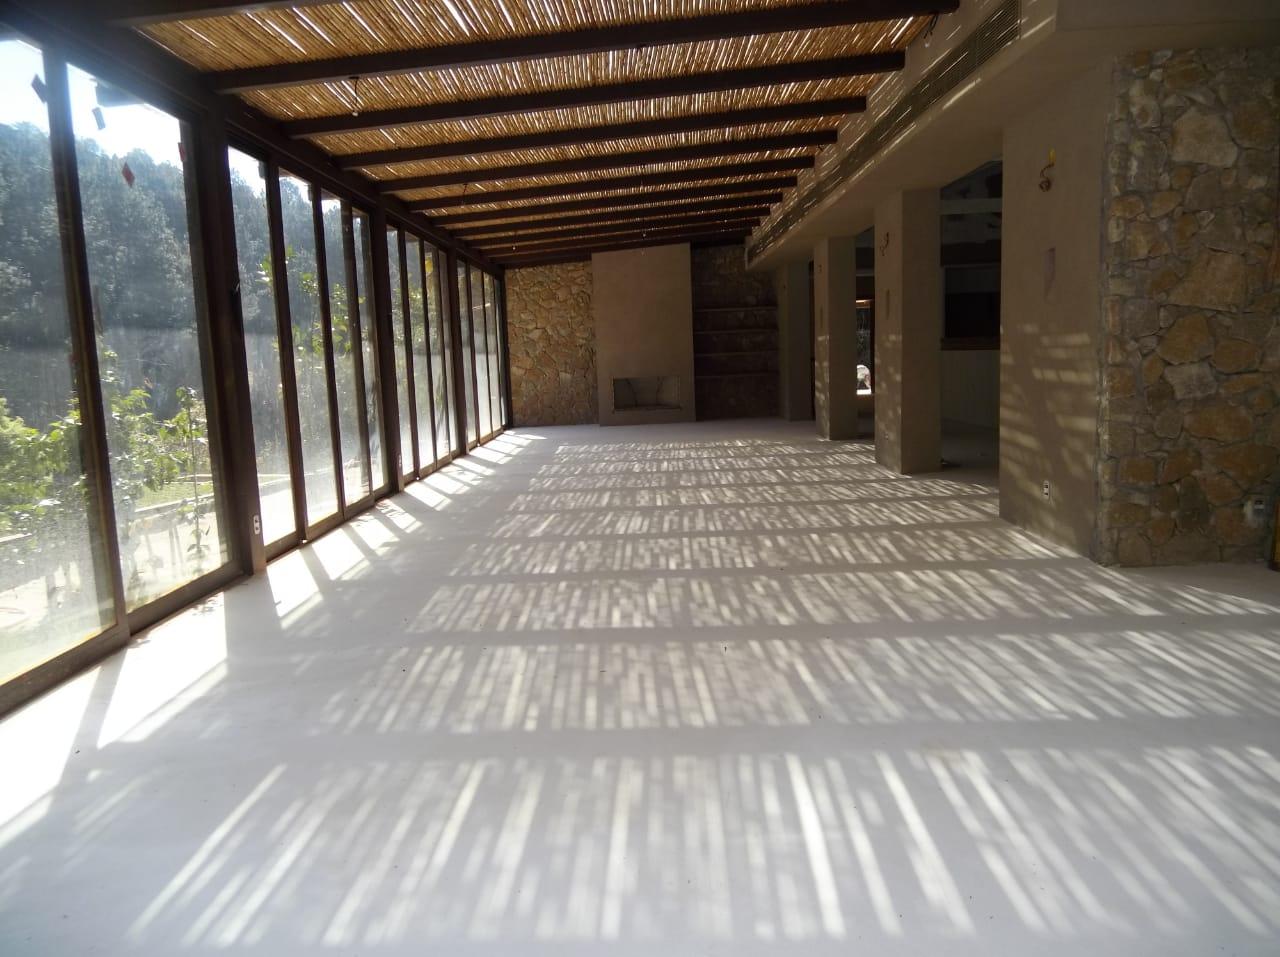 piso_cimenticio2